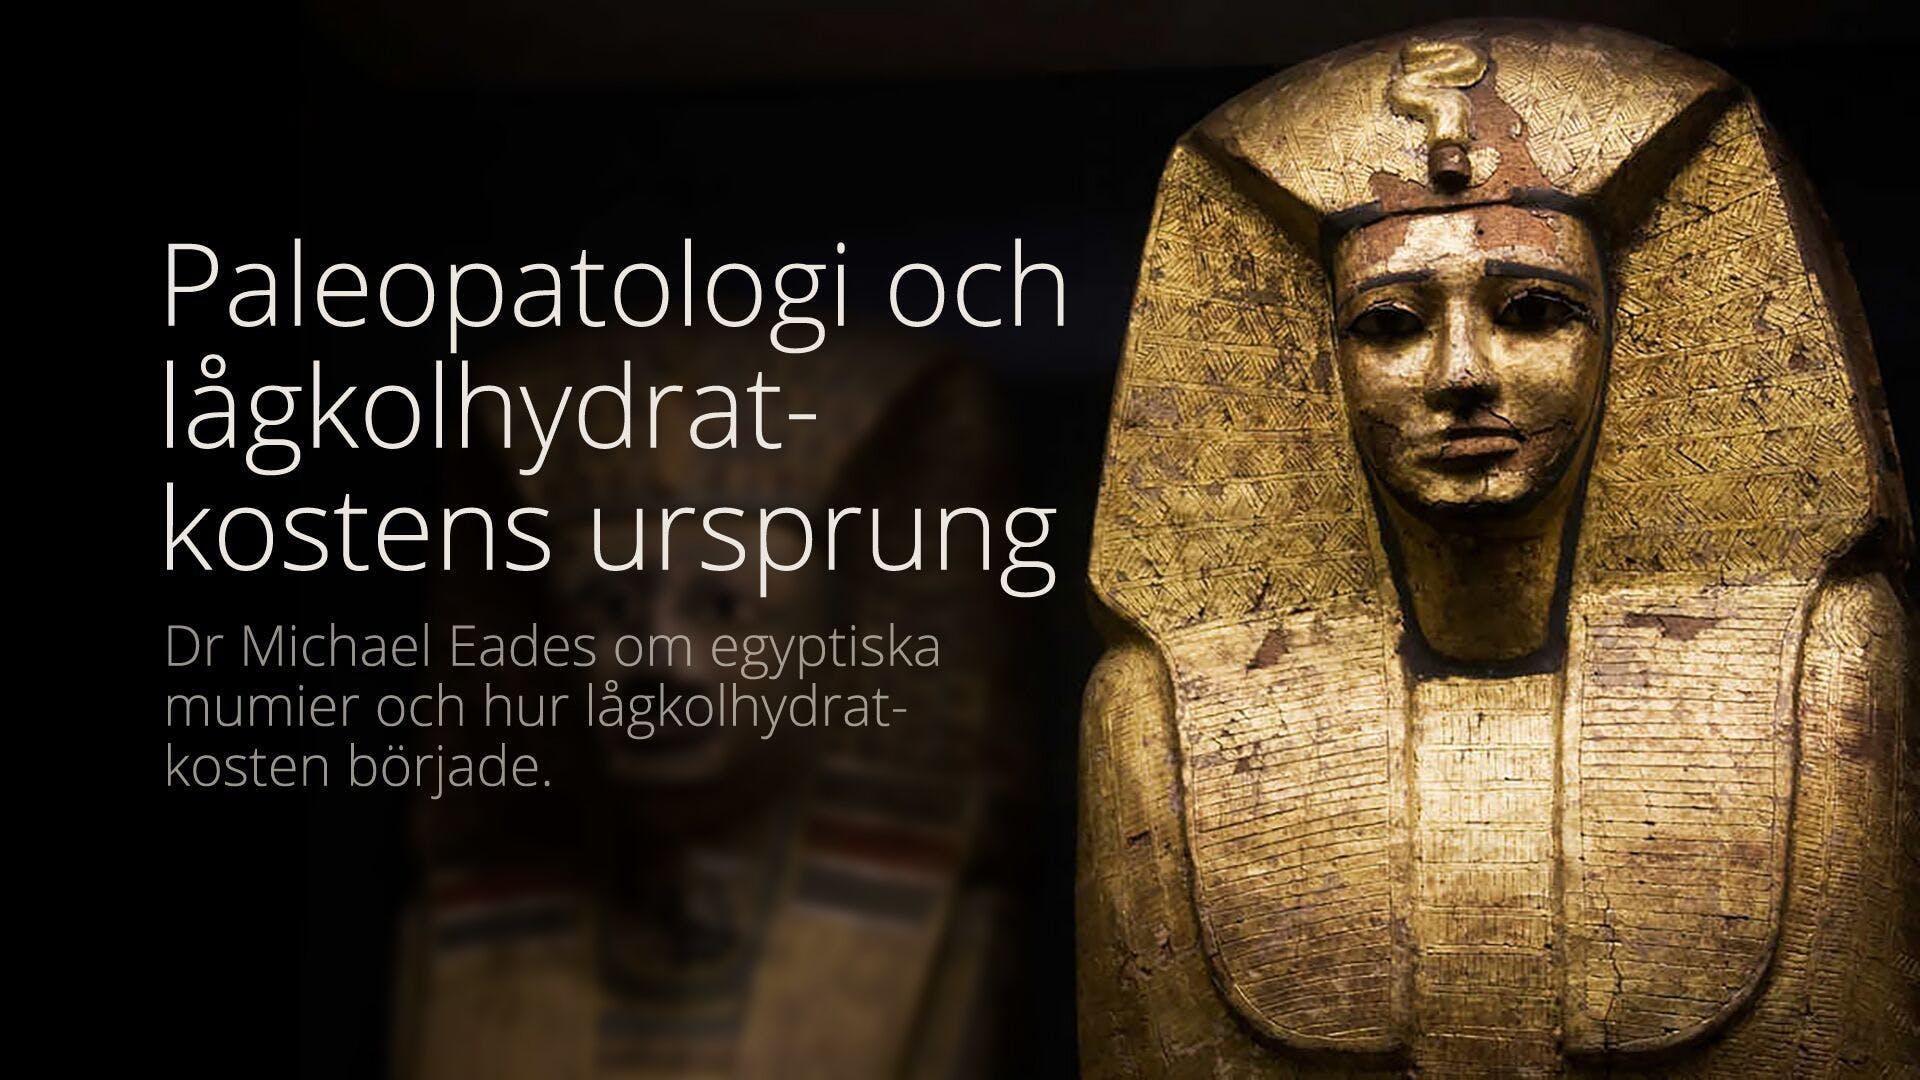 Var de gamla egyptierna friska på sin vetebaserade kost?